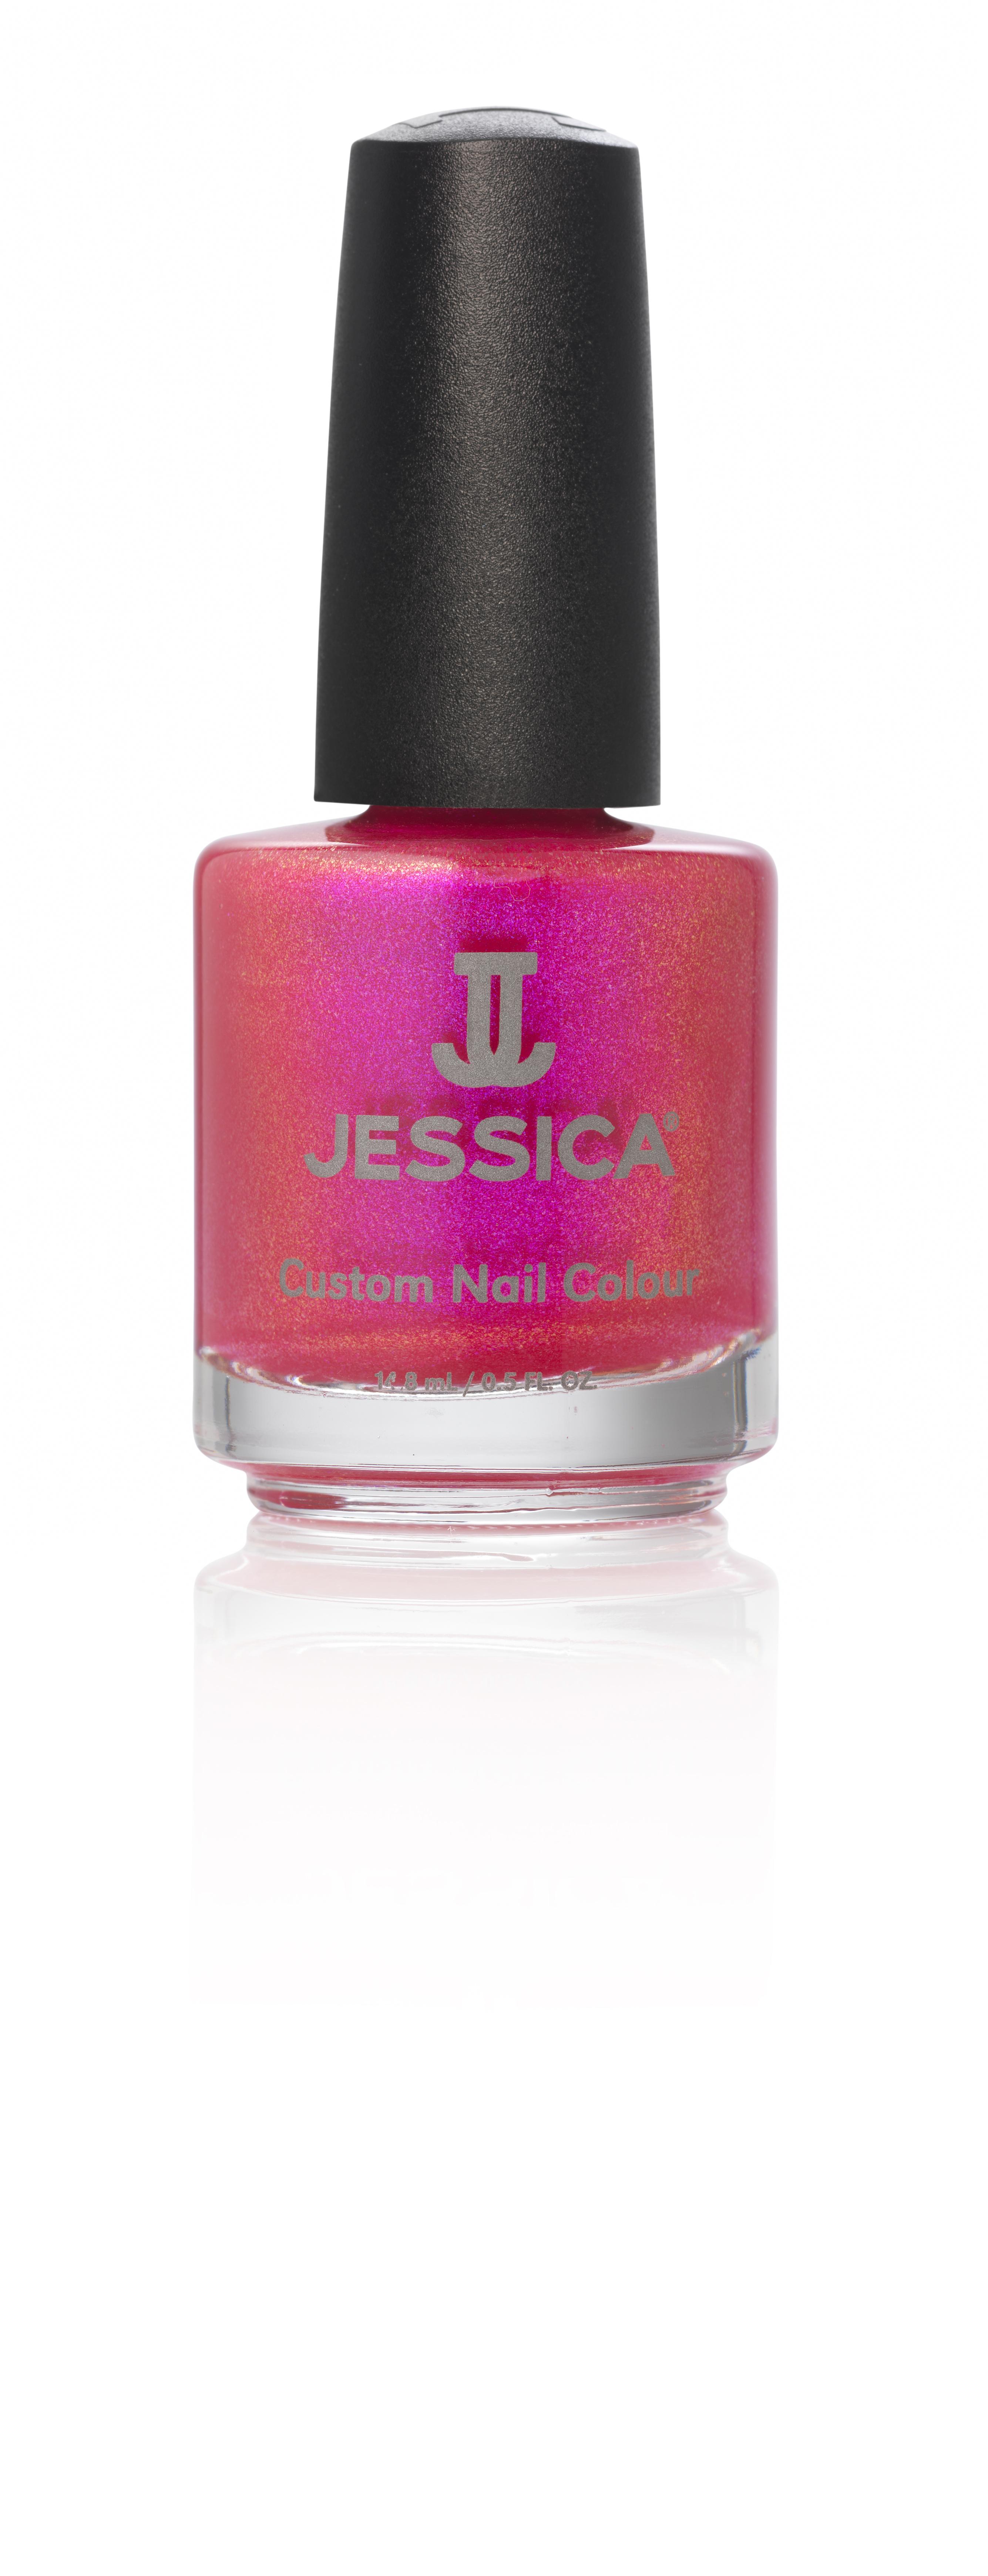 Jessica Лак для ногтей 946 Silk Sari 14,8 млUPC 946Лаки JESSICA содержат витамины A, Д и Е, обеспечивают дополнительную защиту ногтей и усиливают терапевтическое воздействие базовых средств и средств-корректоров.